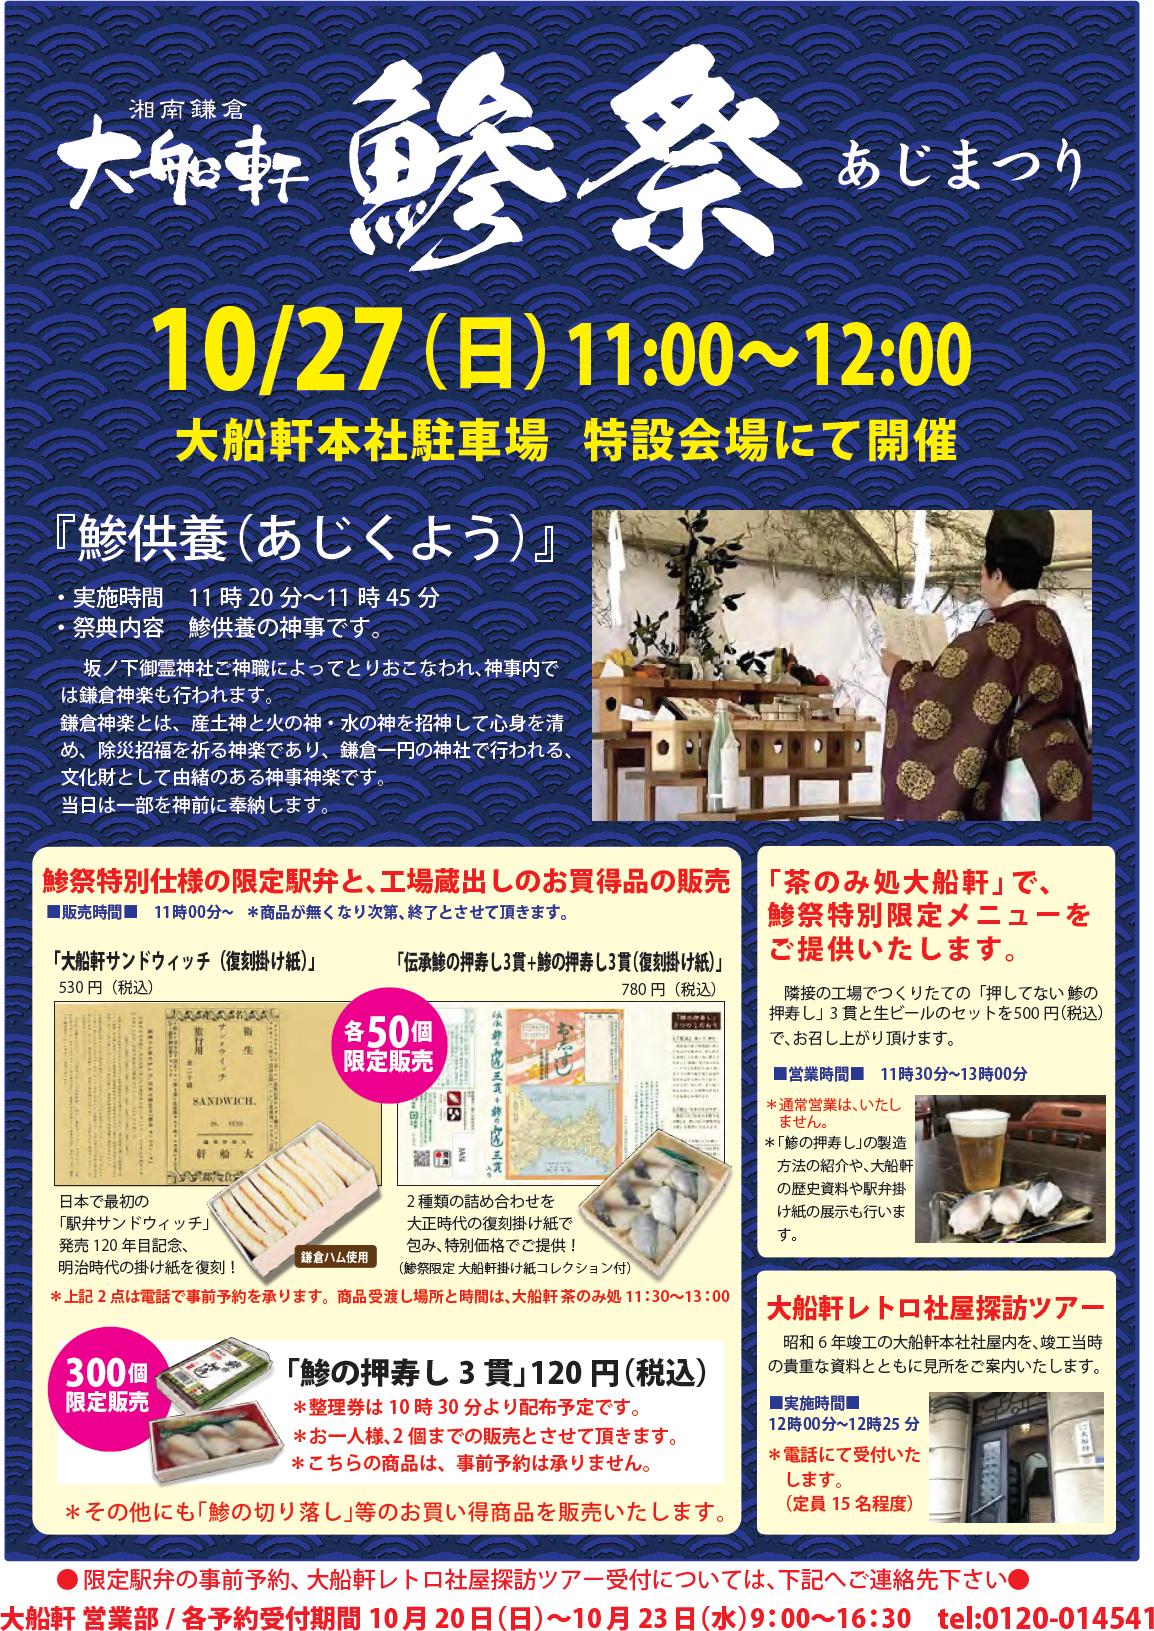 毎年恒例「鯵祭-あじまつり-」を、10月27日(日)に開催いたします。